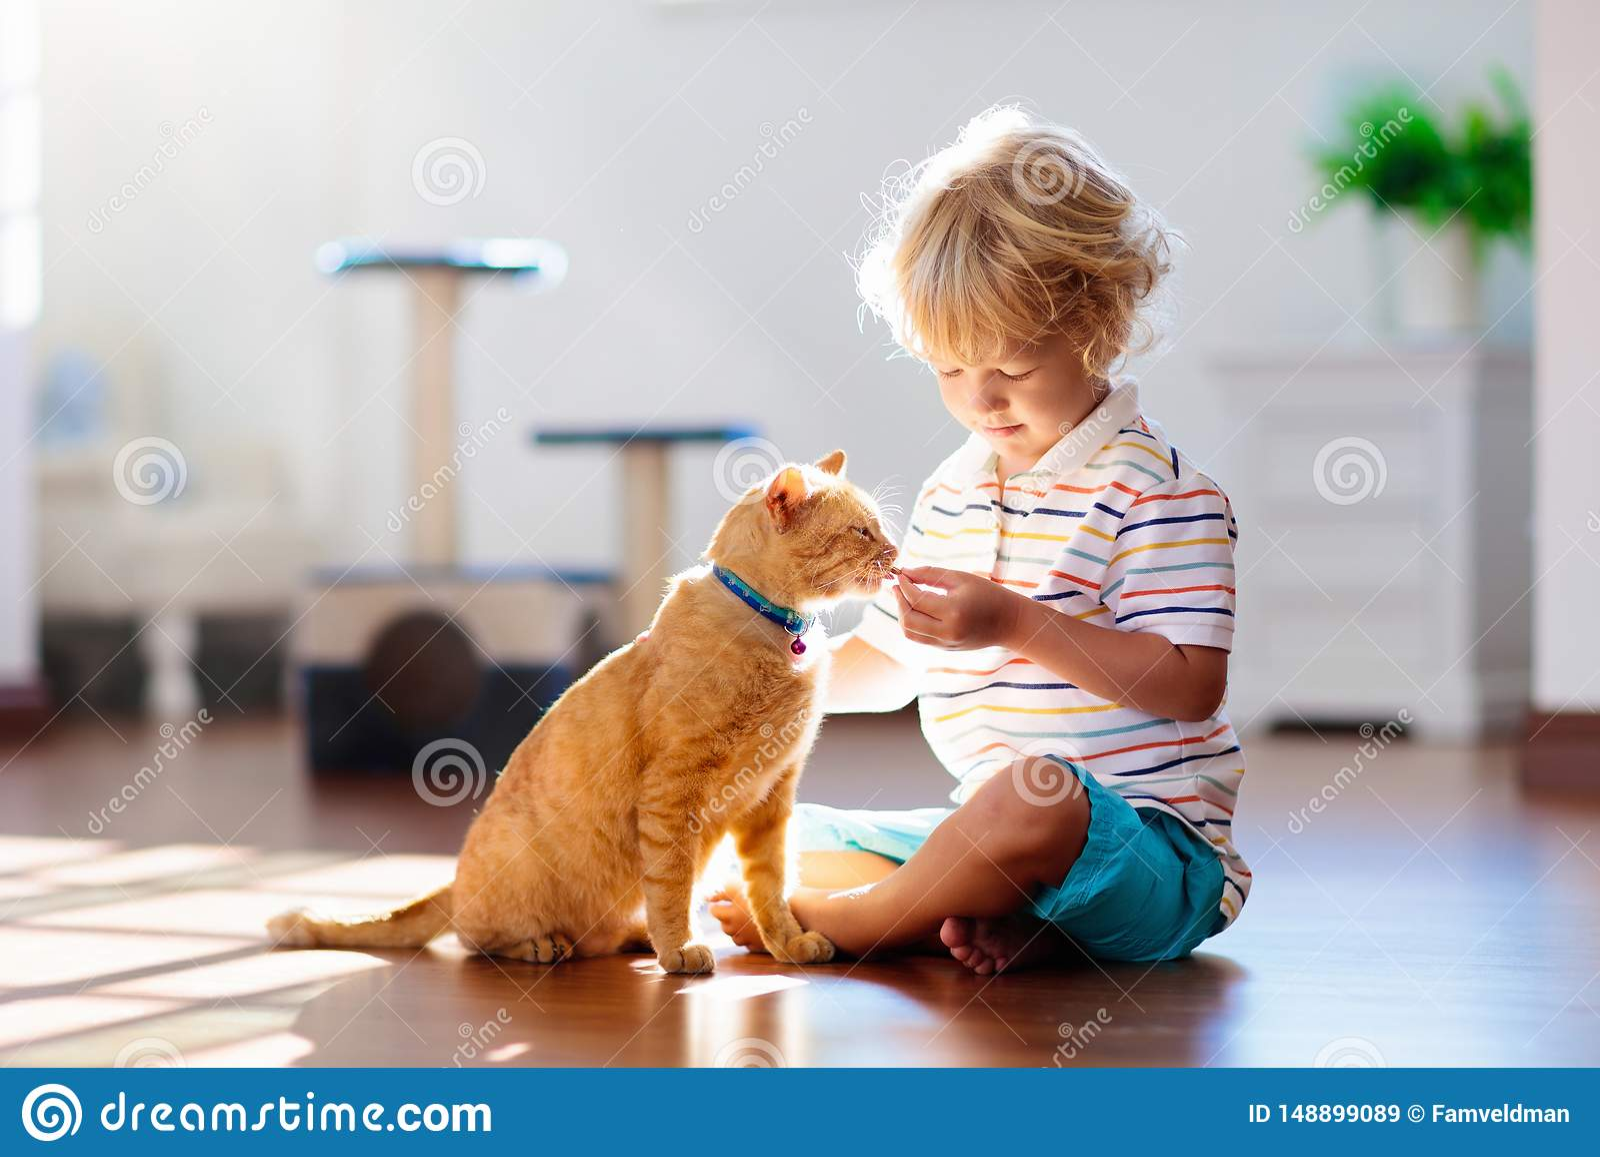 Crian?a que joga com gato em casa Crian?as e animais de estima??o